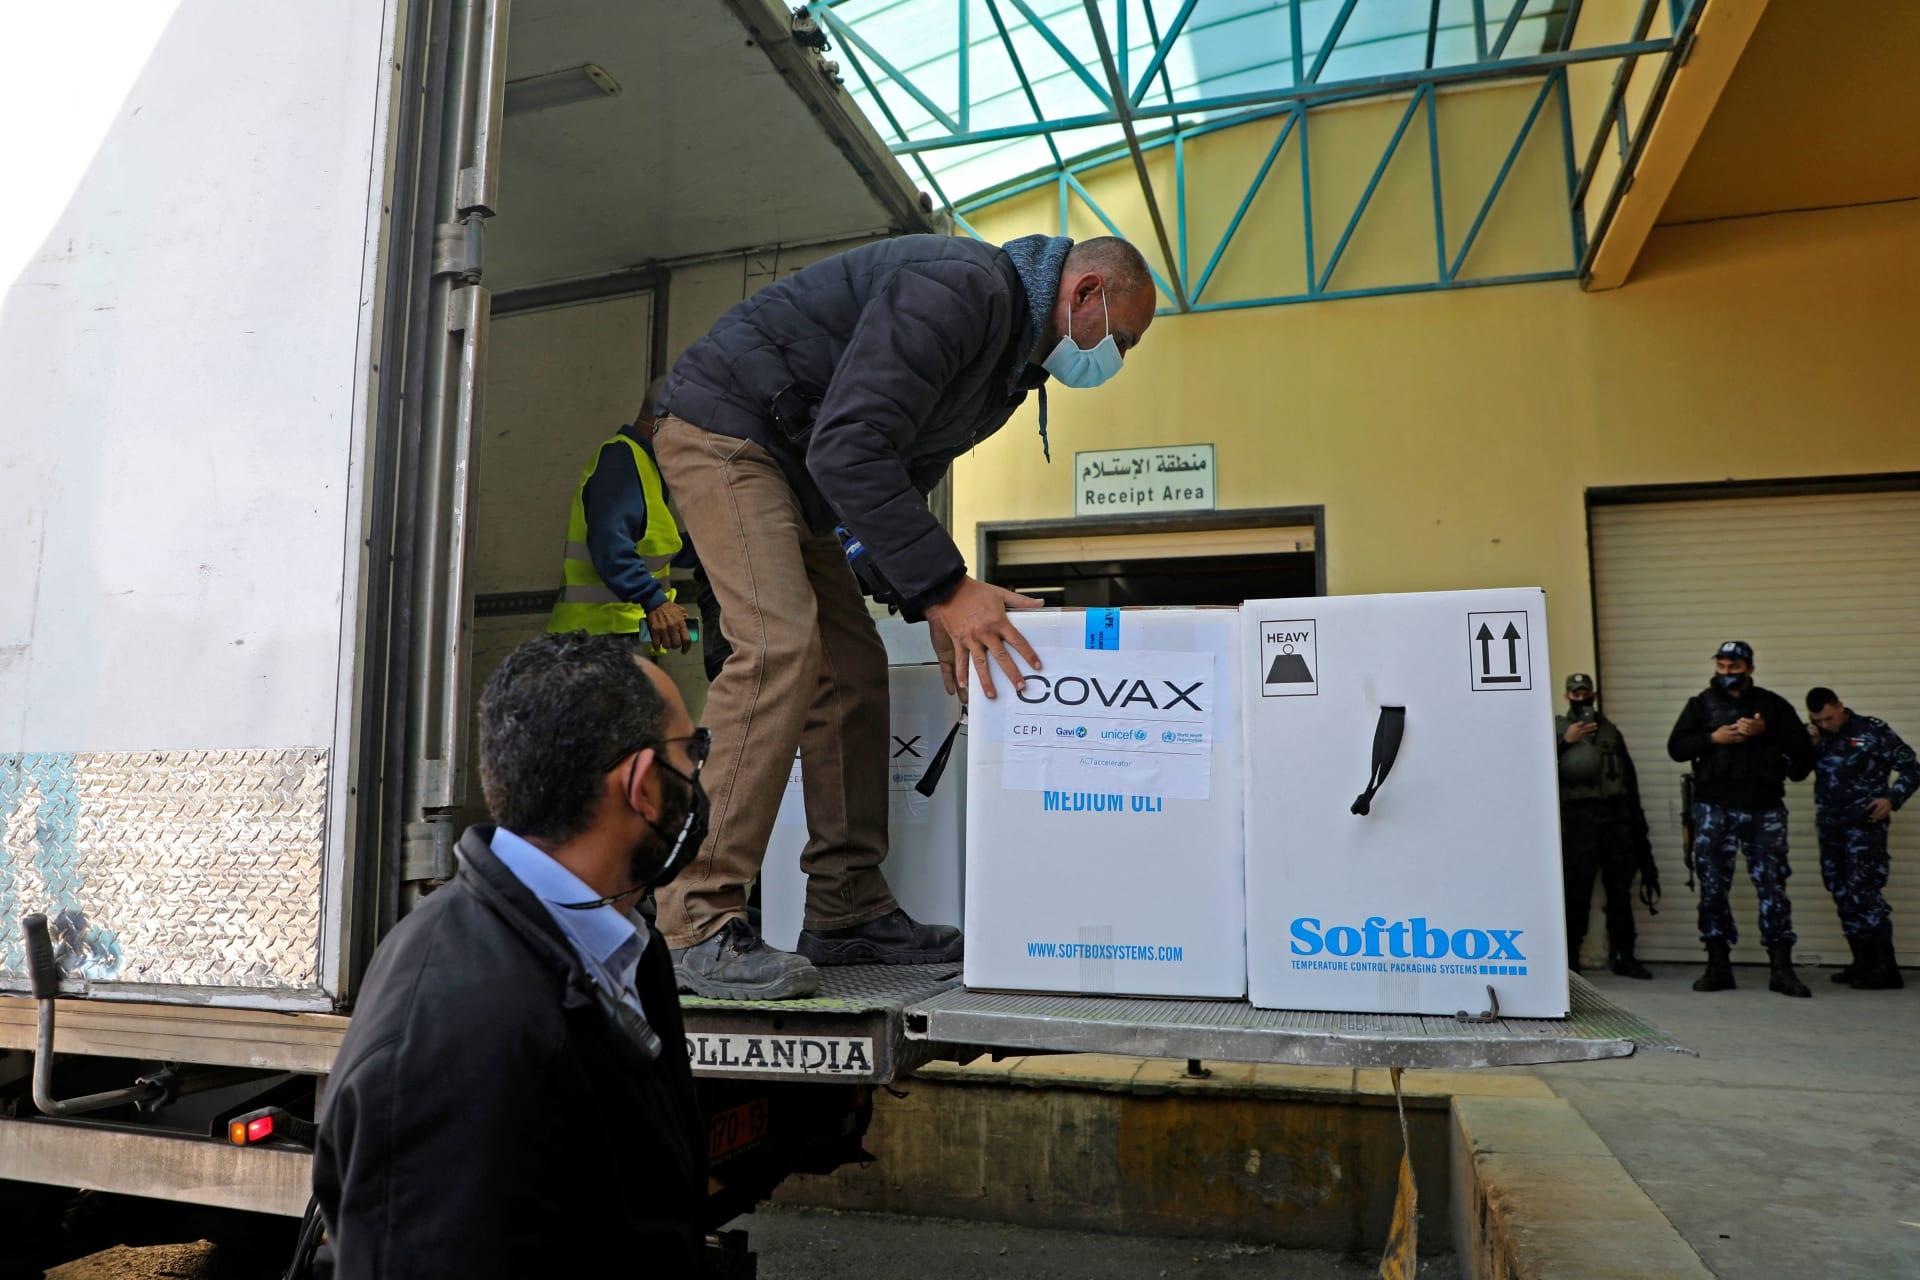 عامل يفرغ شاحنة مبردة تحمل أول شحنة من لقاح كورونا عبر برنامج Covax التابع للأمم المتحدة، في مدينة نابلس بالضفة الغربية ، 17 مارس 2021